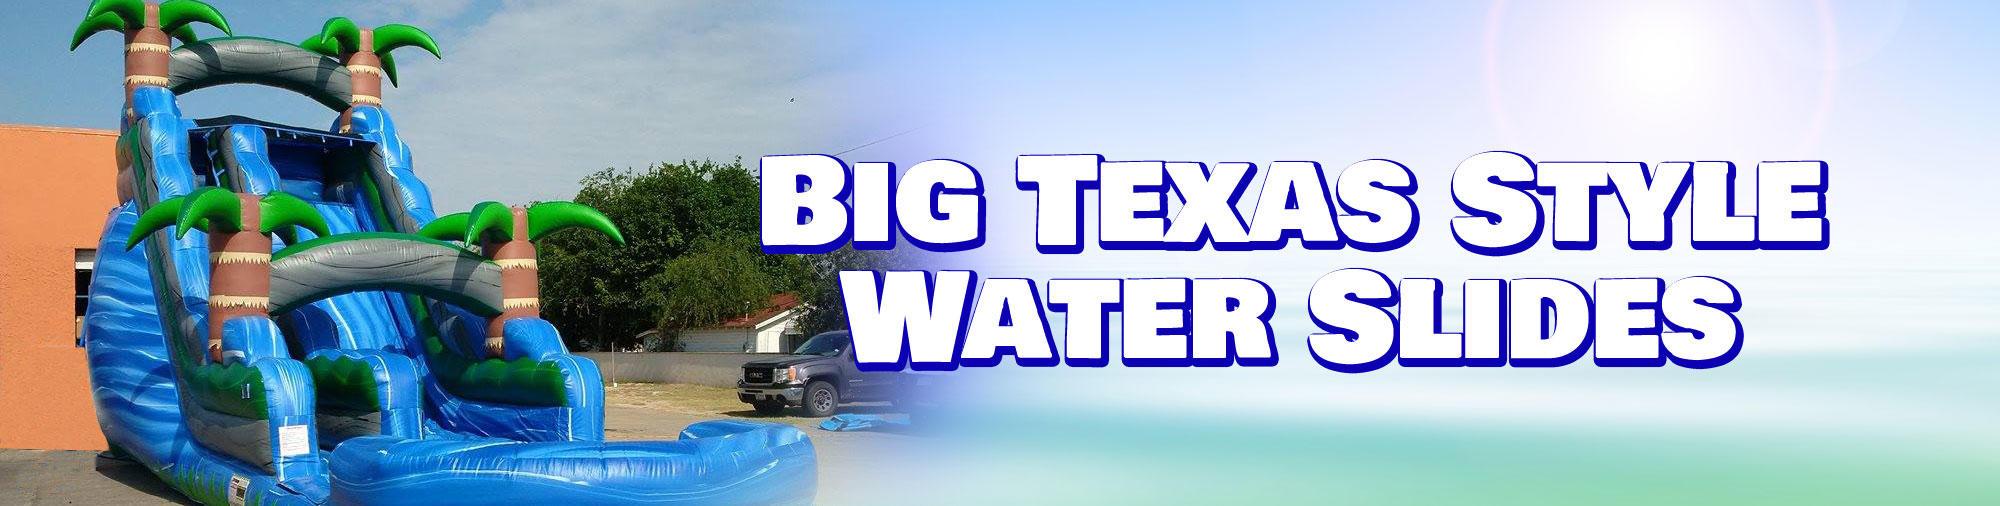 water slide rentals McAllen TX